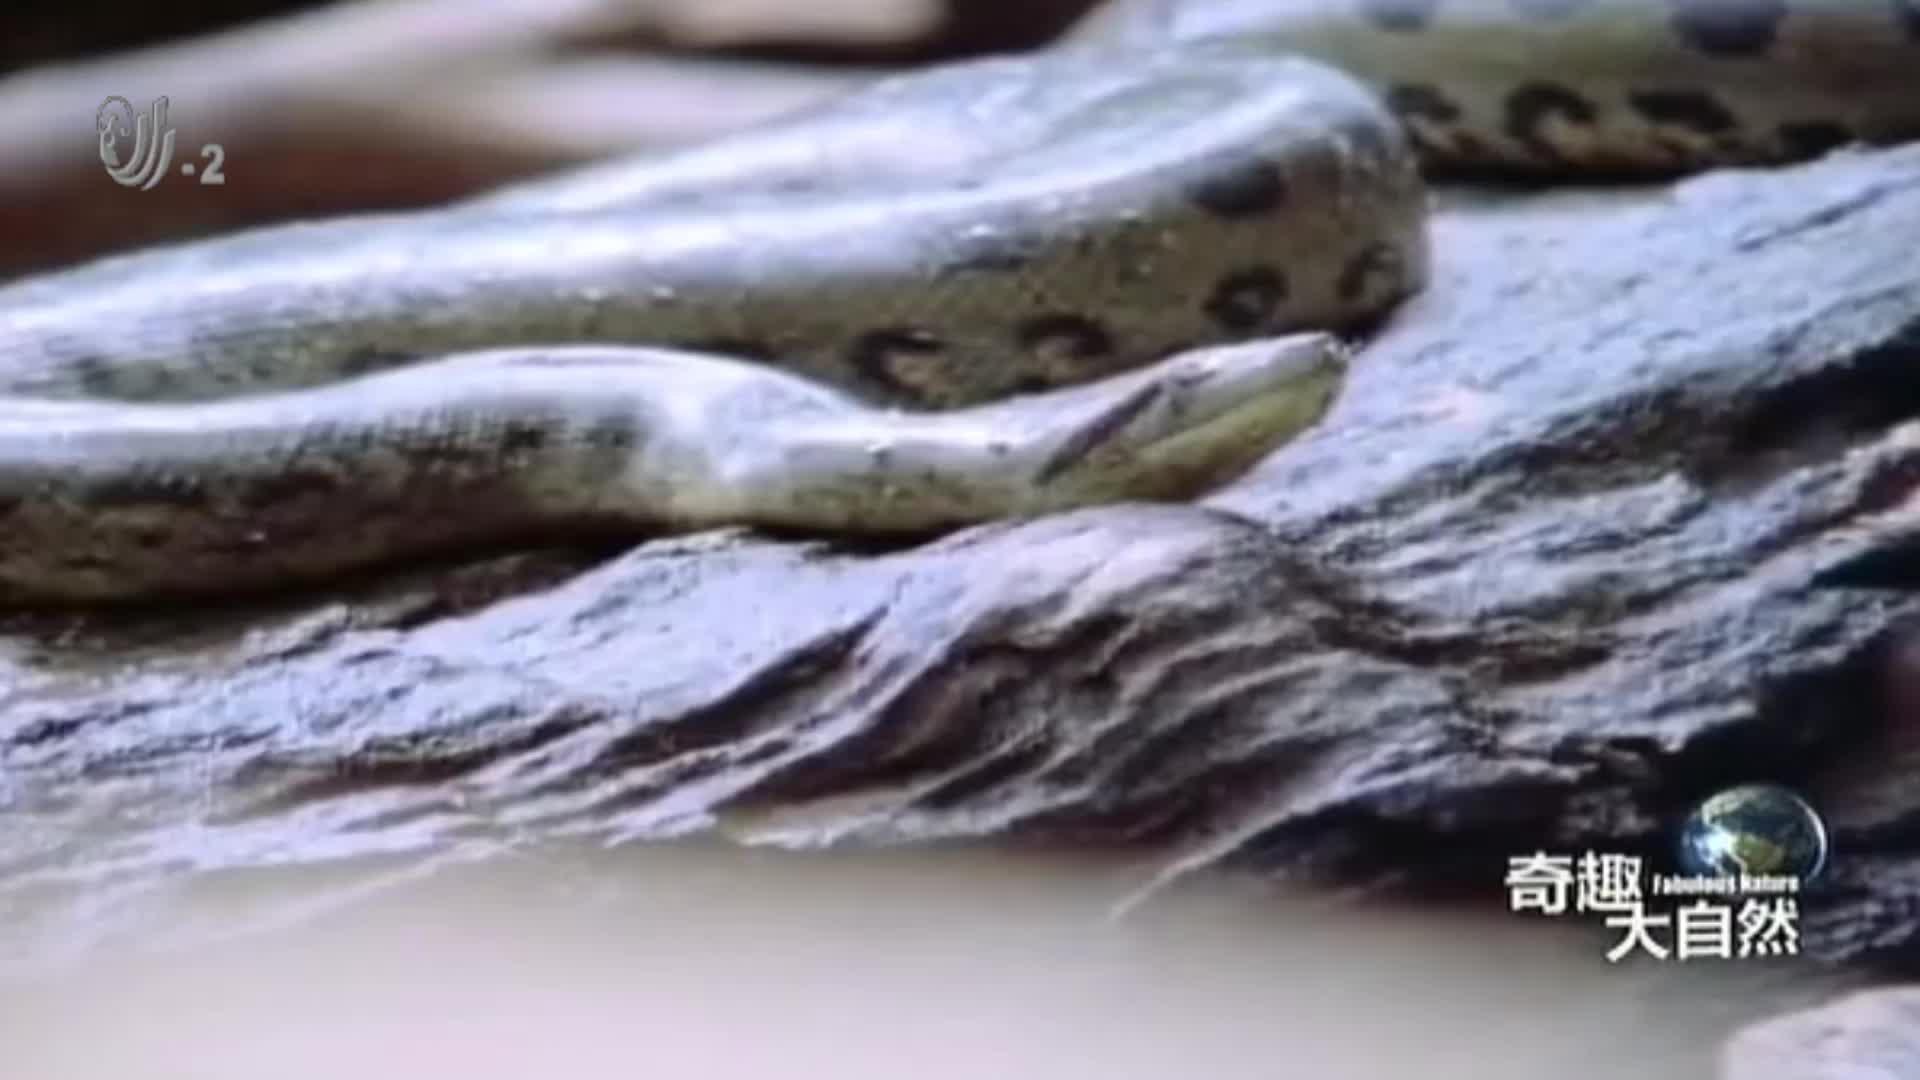 水蟒捕食鳄鱼,将鳄鱼死死缠住,直接吞下去,鳄鱼毫无挣扎的机会